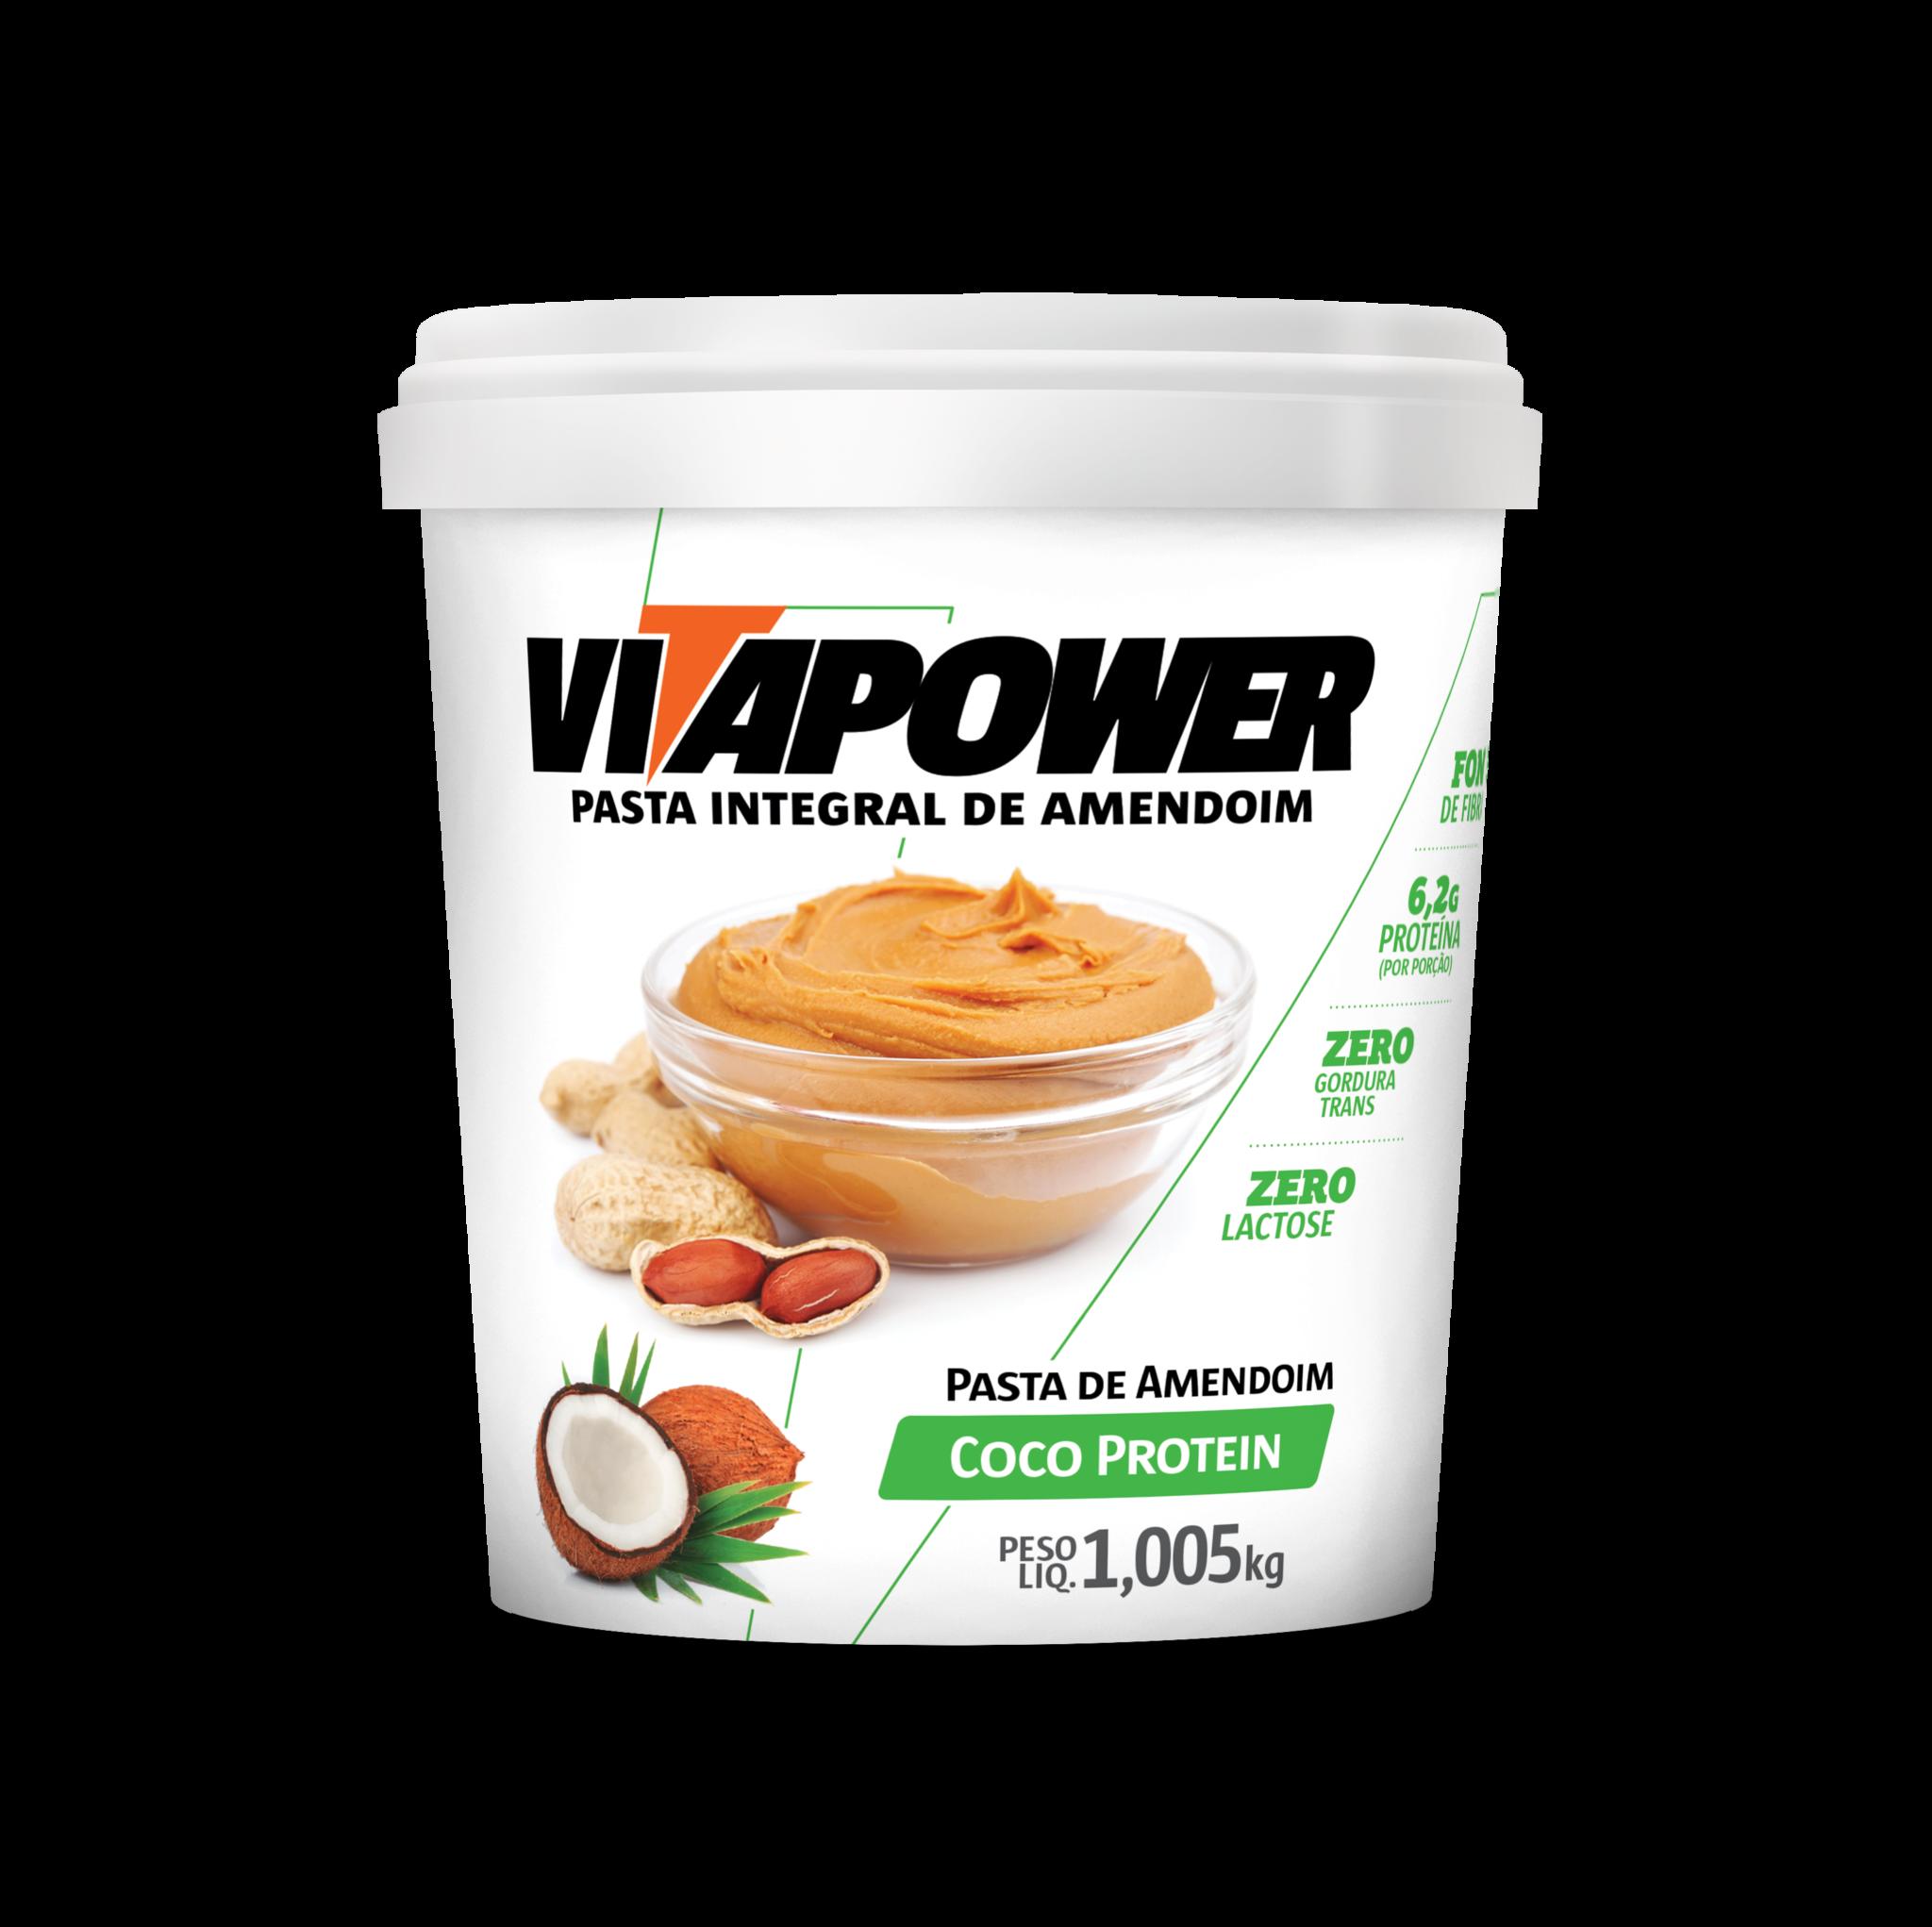 Pasta de Amendoin VitaPower Coco Protein